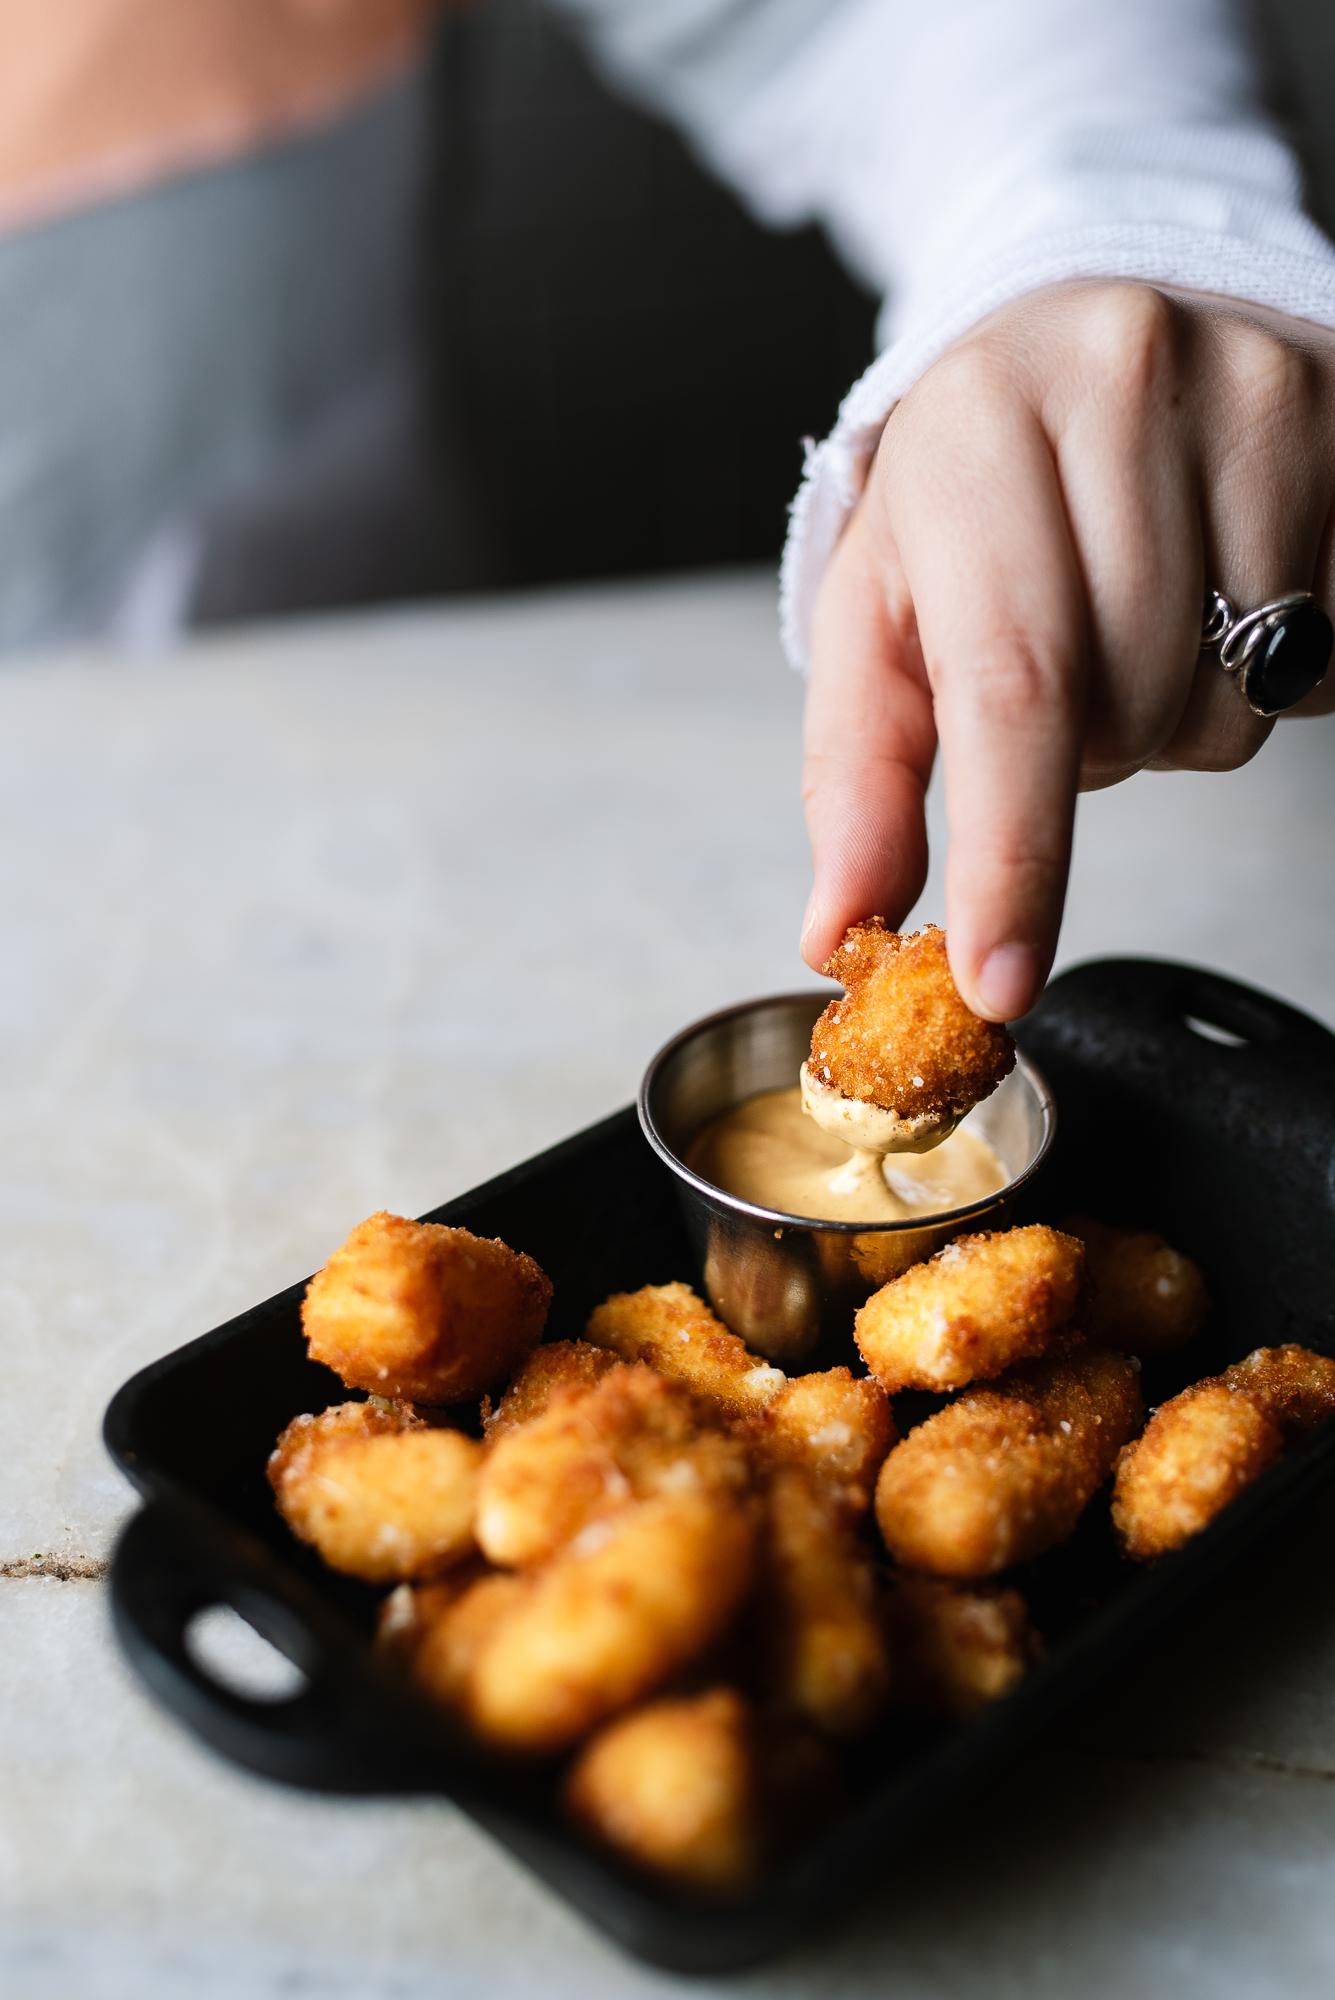 cheese curds - Marcoot curds, harissa aioli